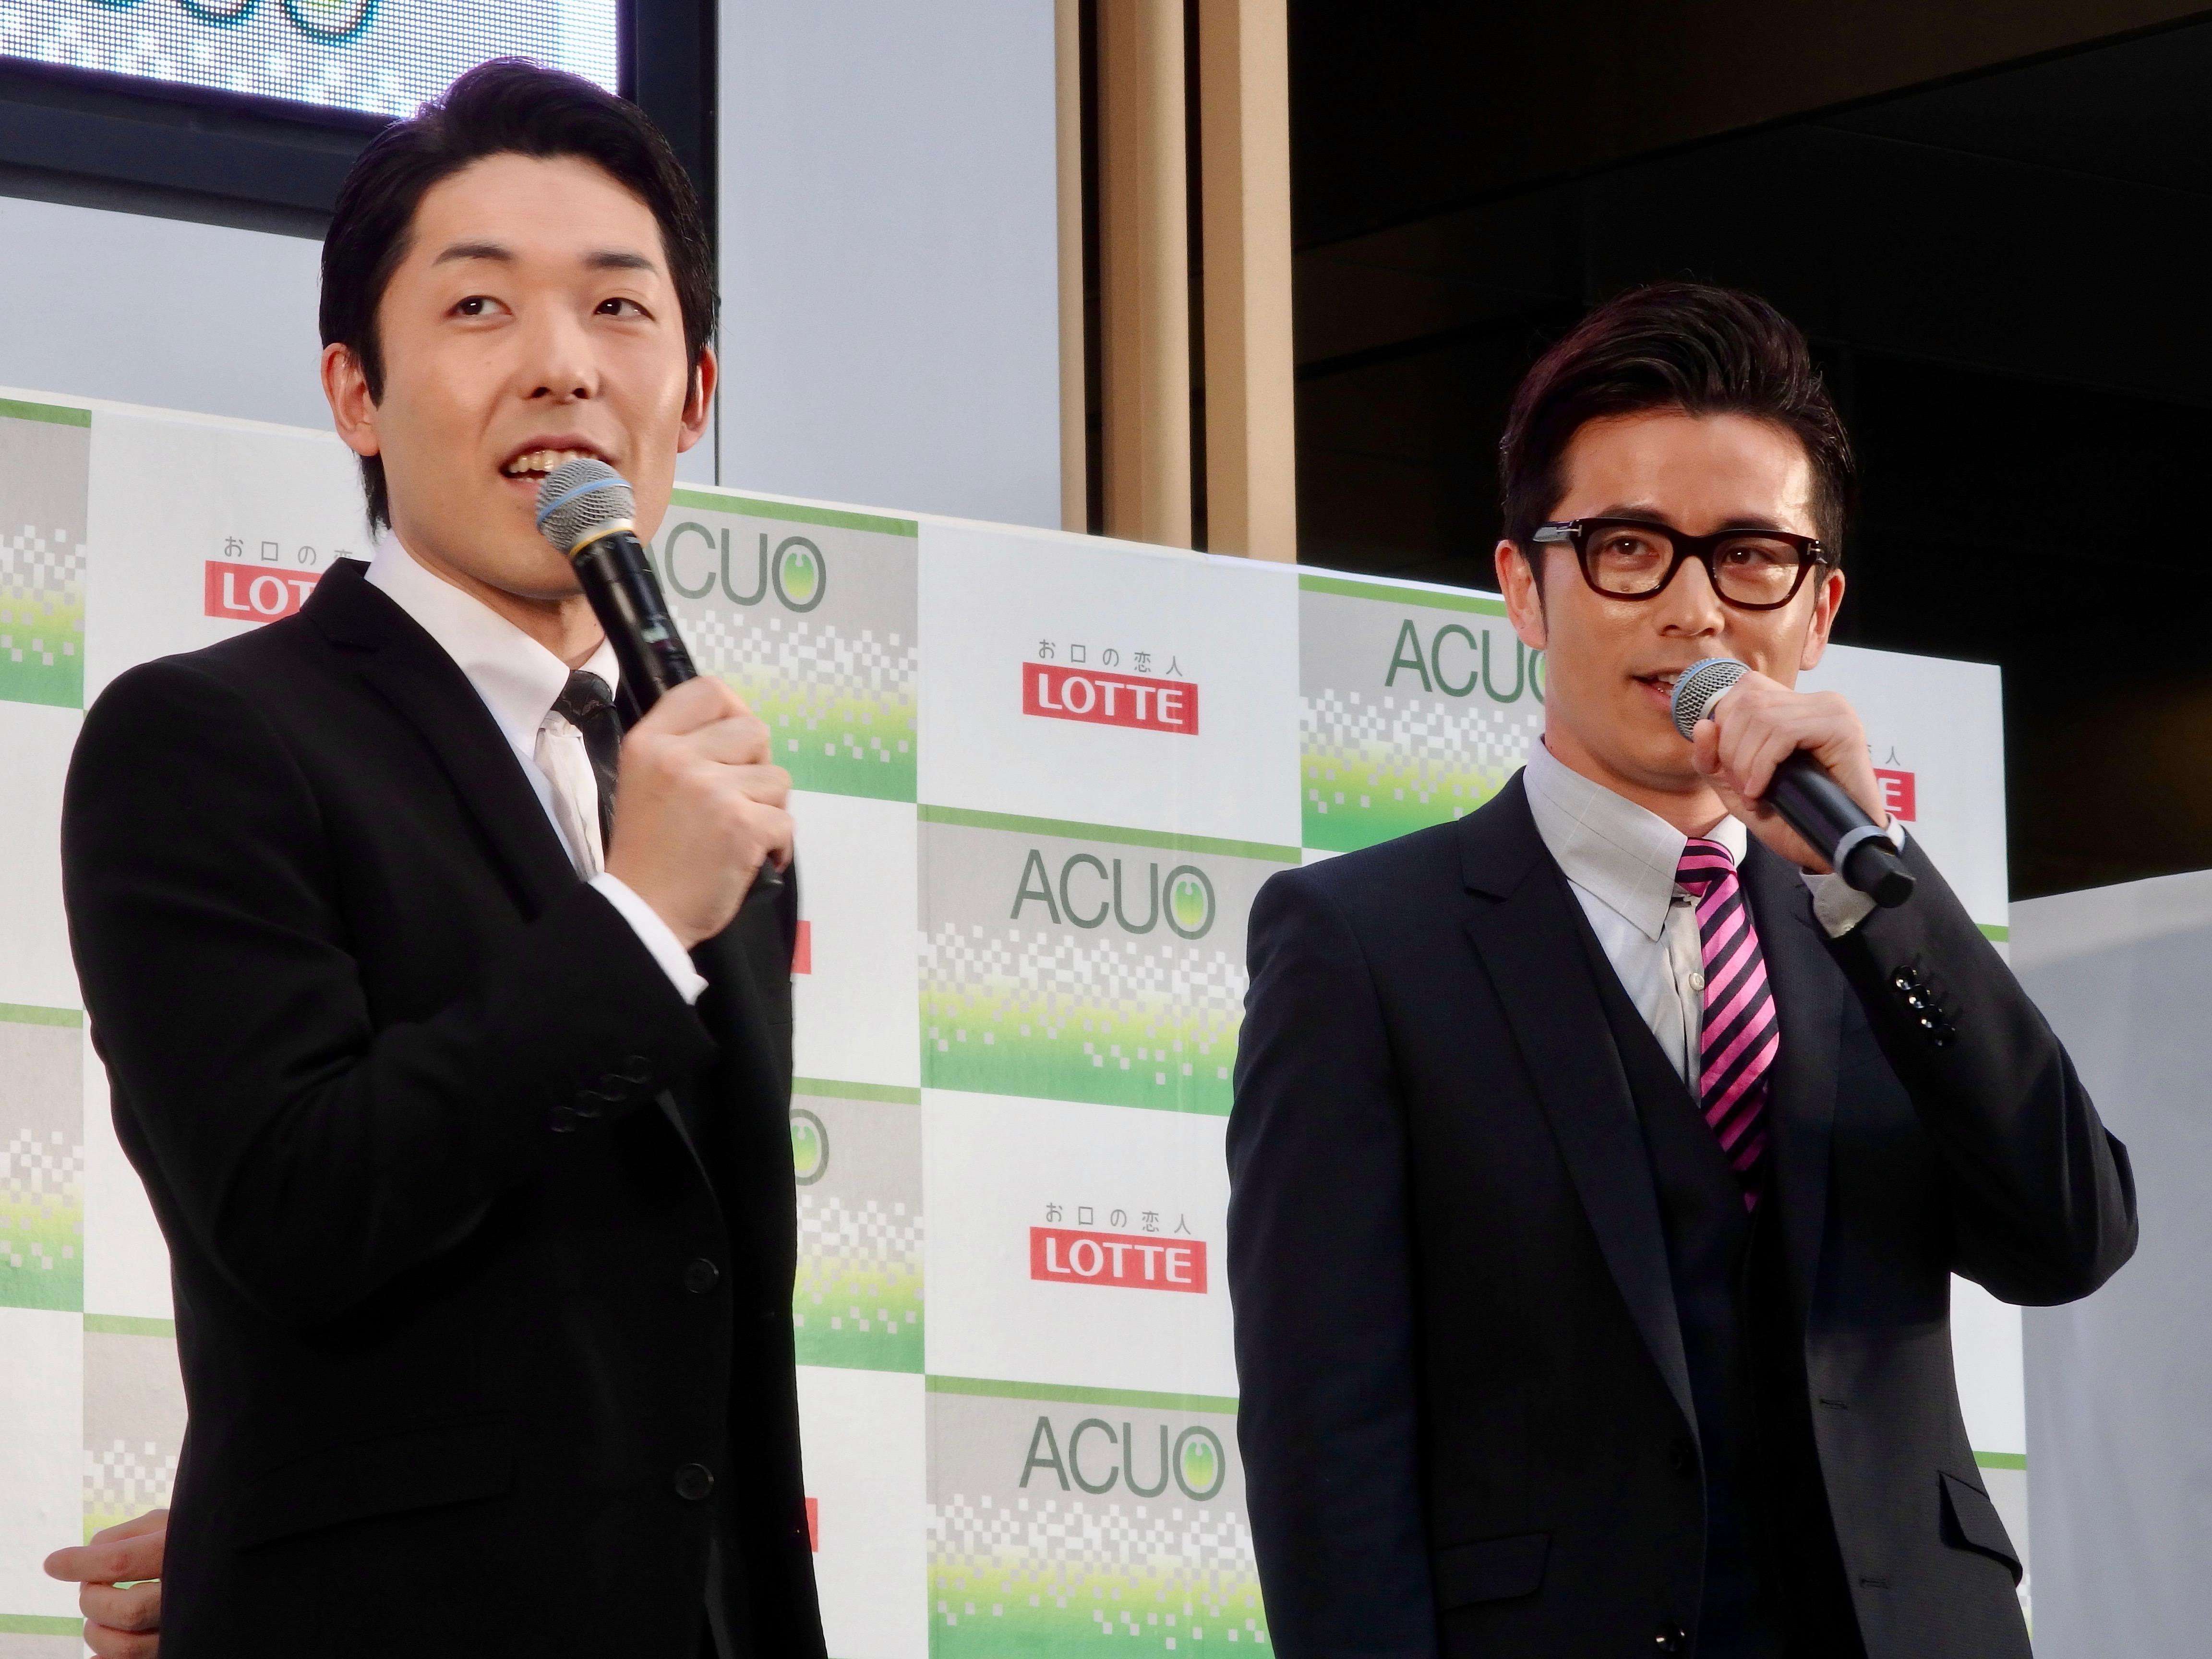 http://news.yoshimoto.co.jp/20170417183902-de94e56cb5e954fb36c9e64669d6ca979cd7eb93.jpg